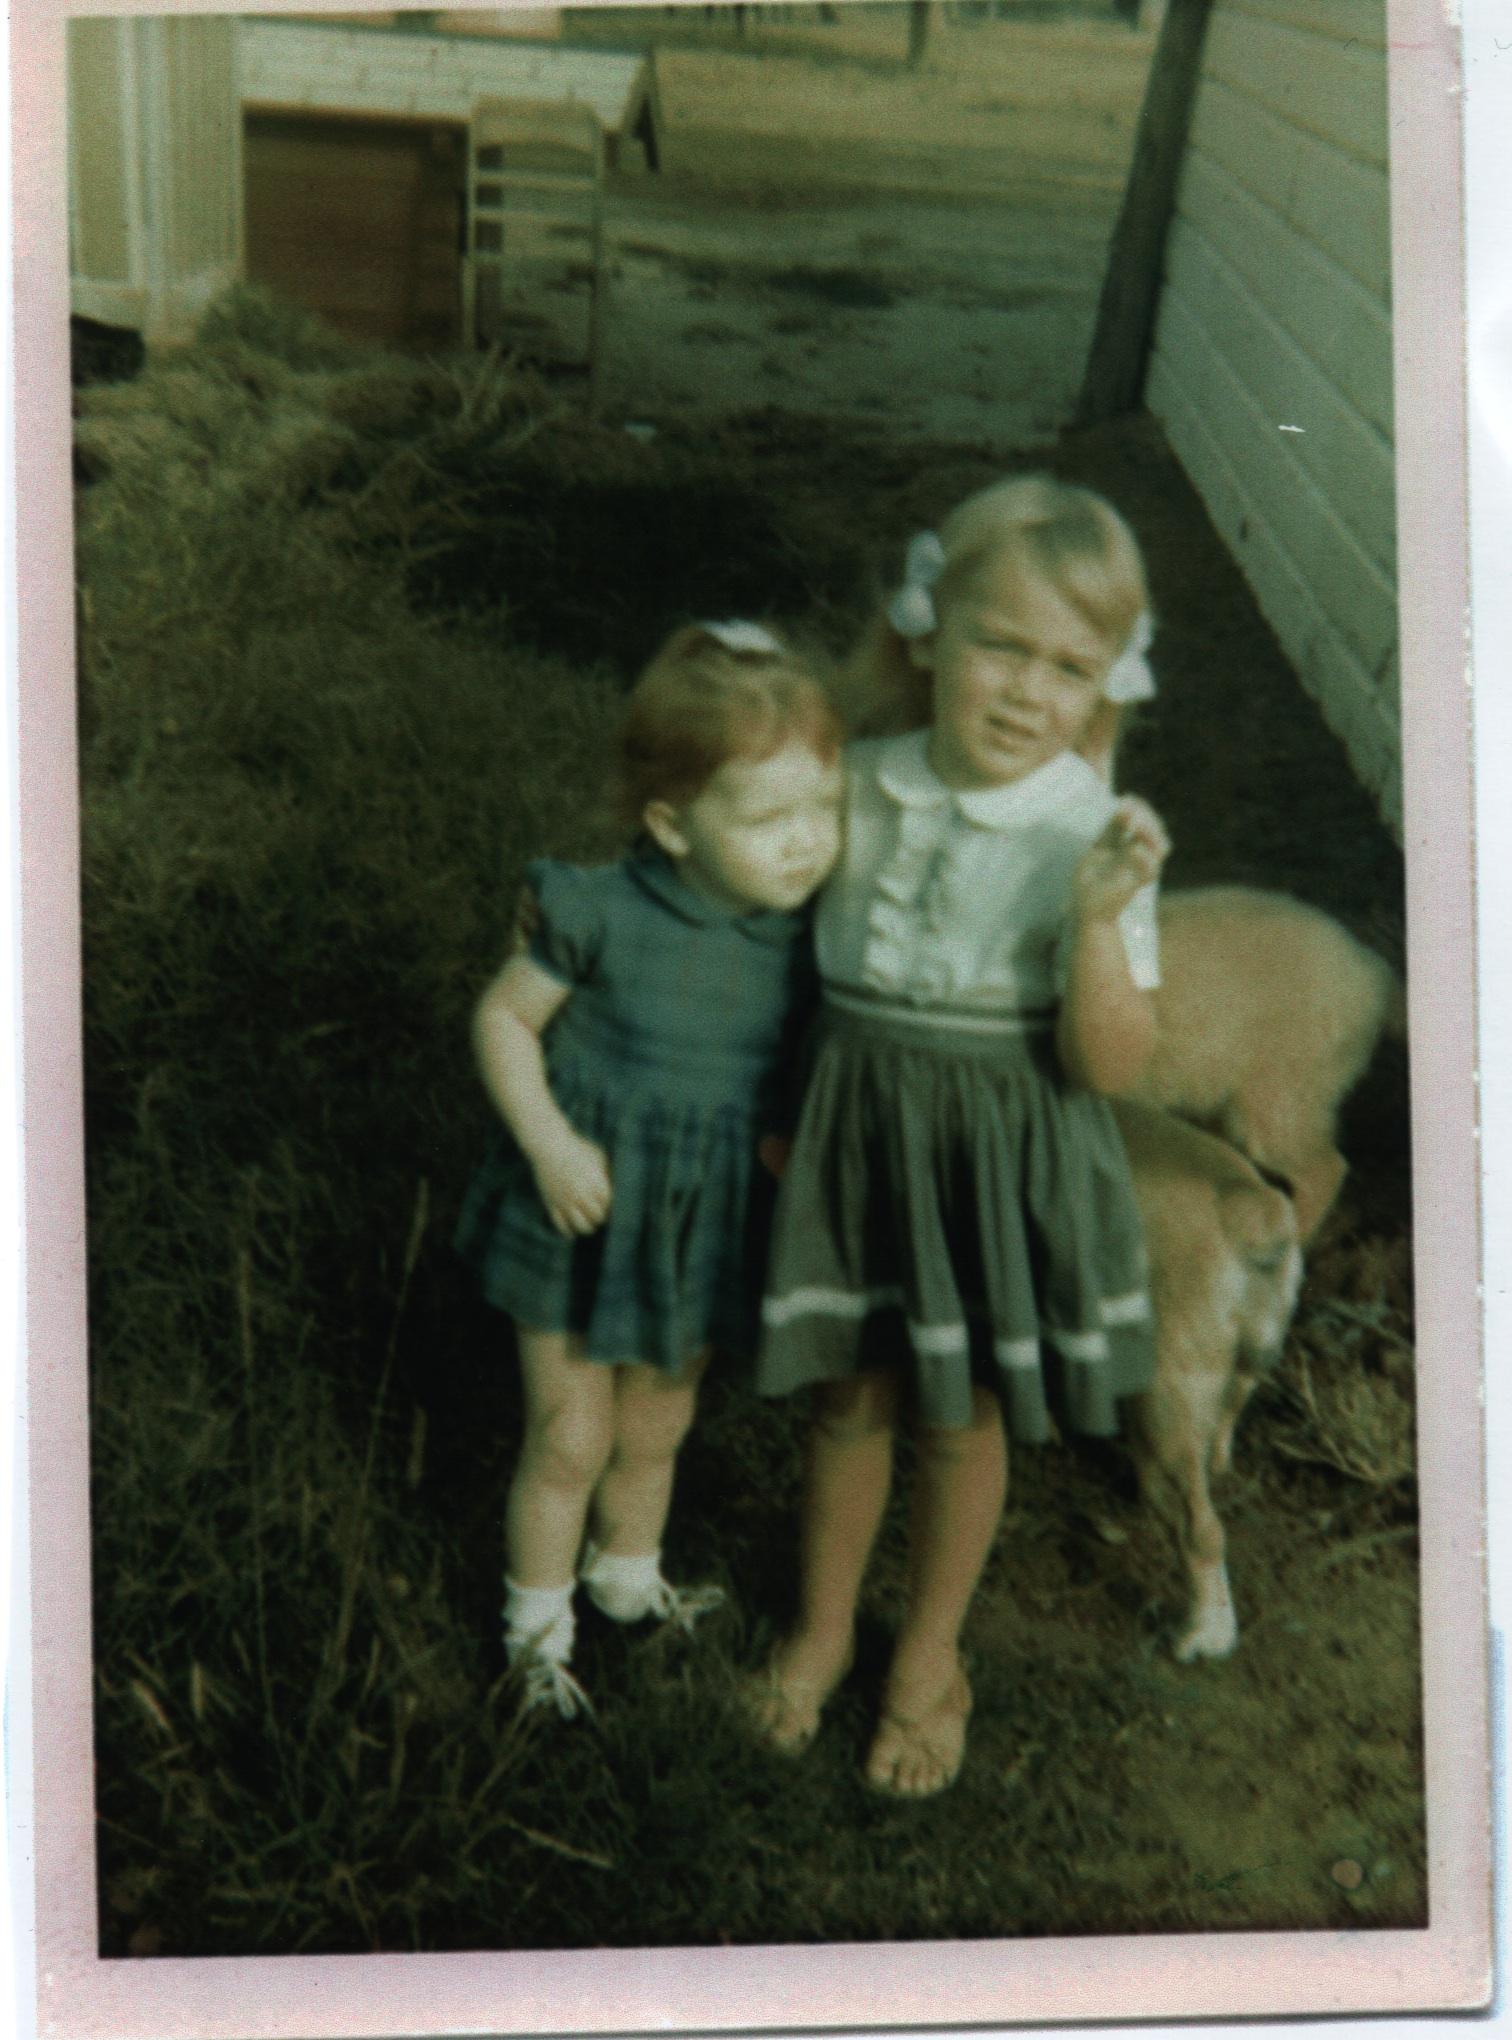 My sister, Brenda, on the left